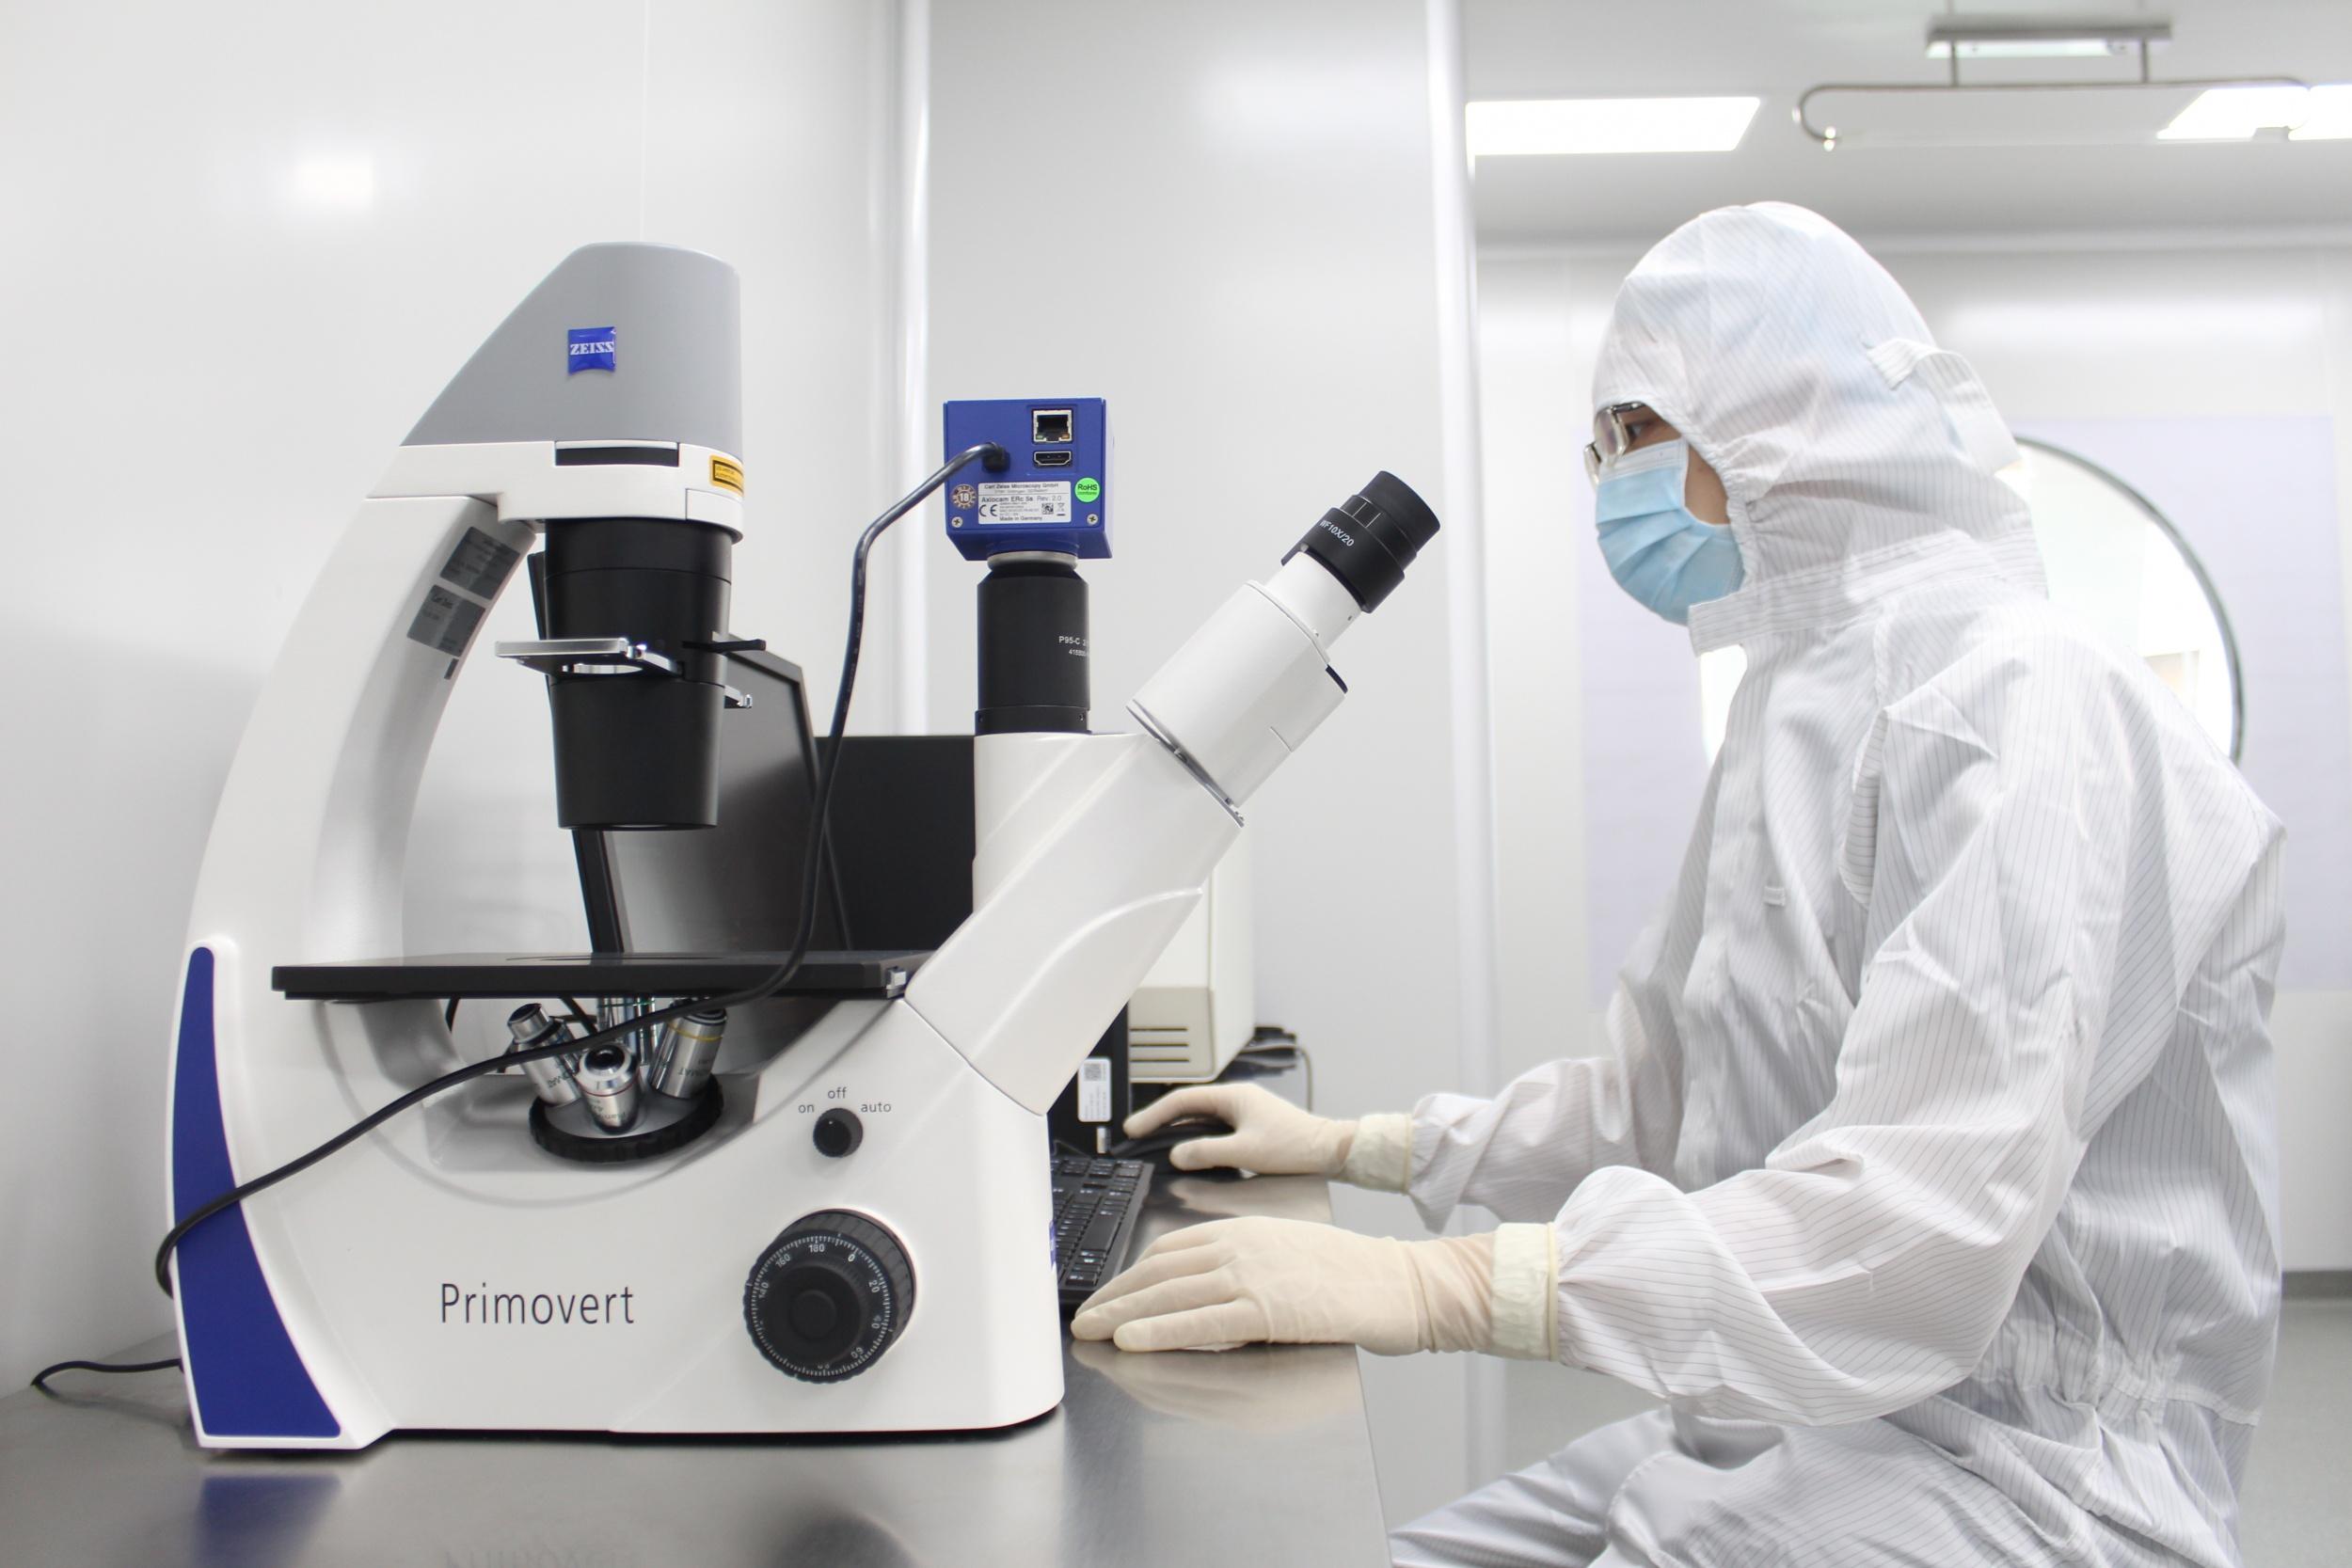 蔡司倒置荧光显微镜